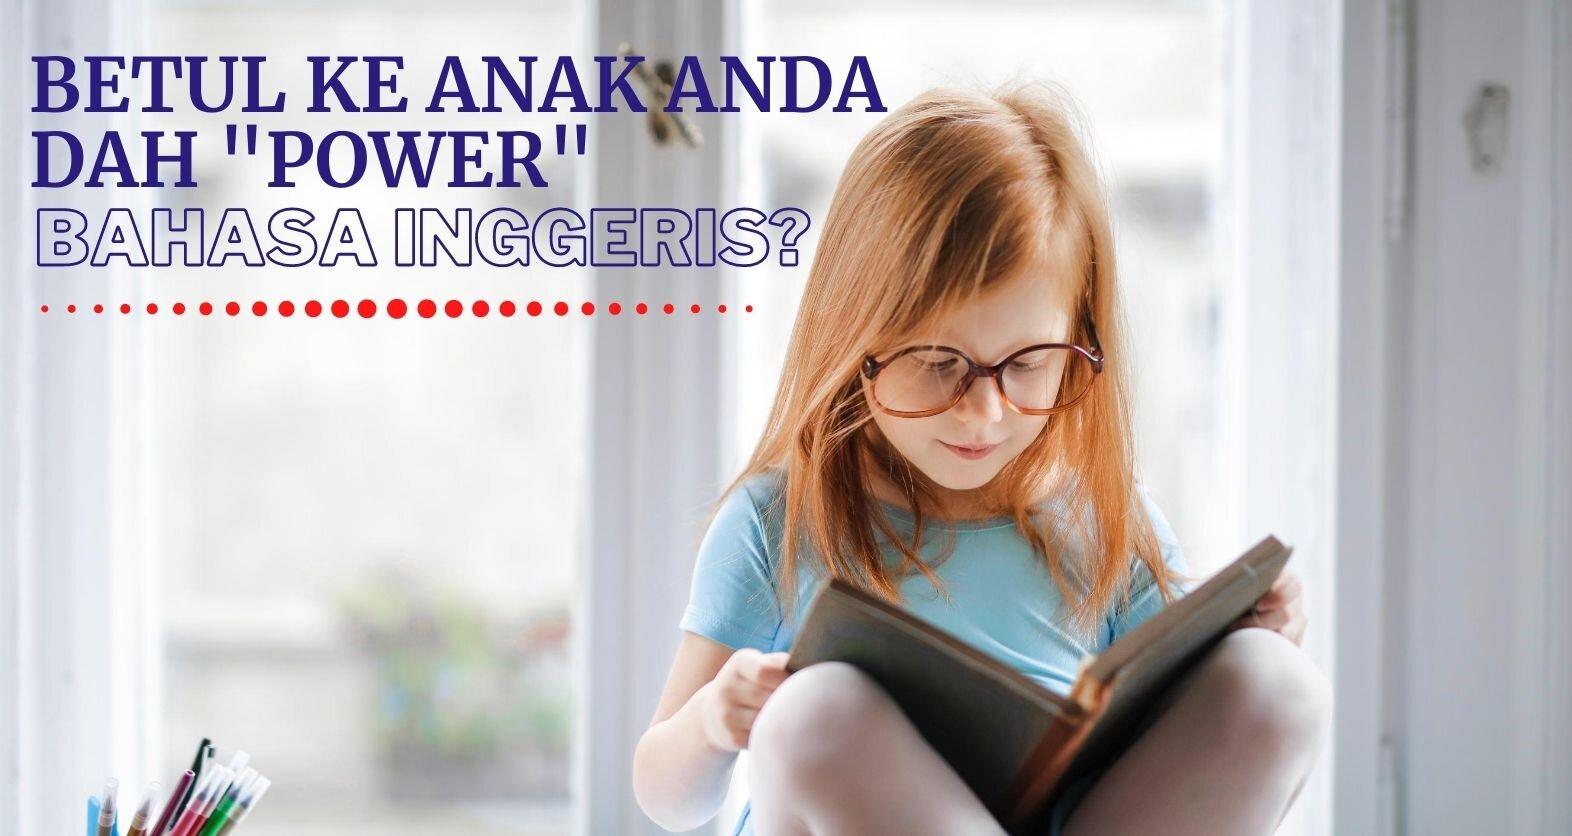 """Adakah anak anda dah """"POWER"""" bahasa Inggeris dengan hanya mahir bertutur bahasa tersebut?"""